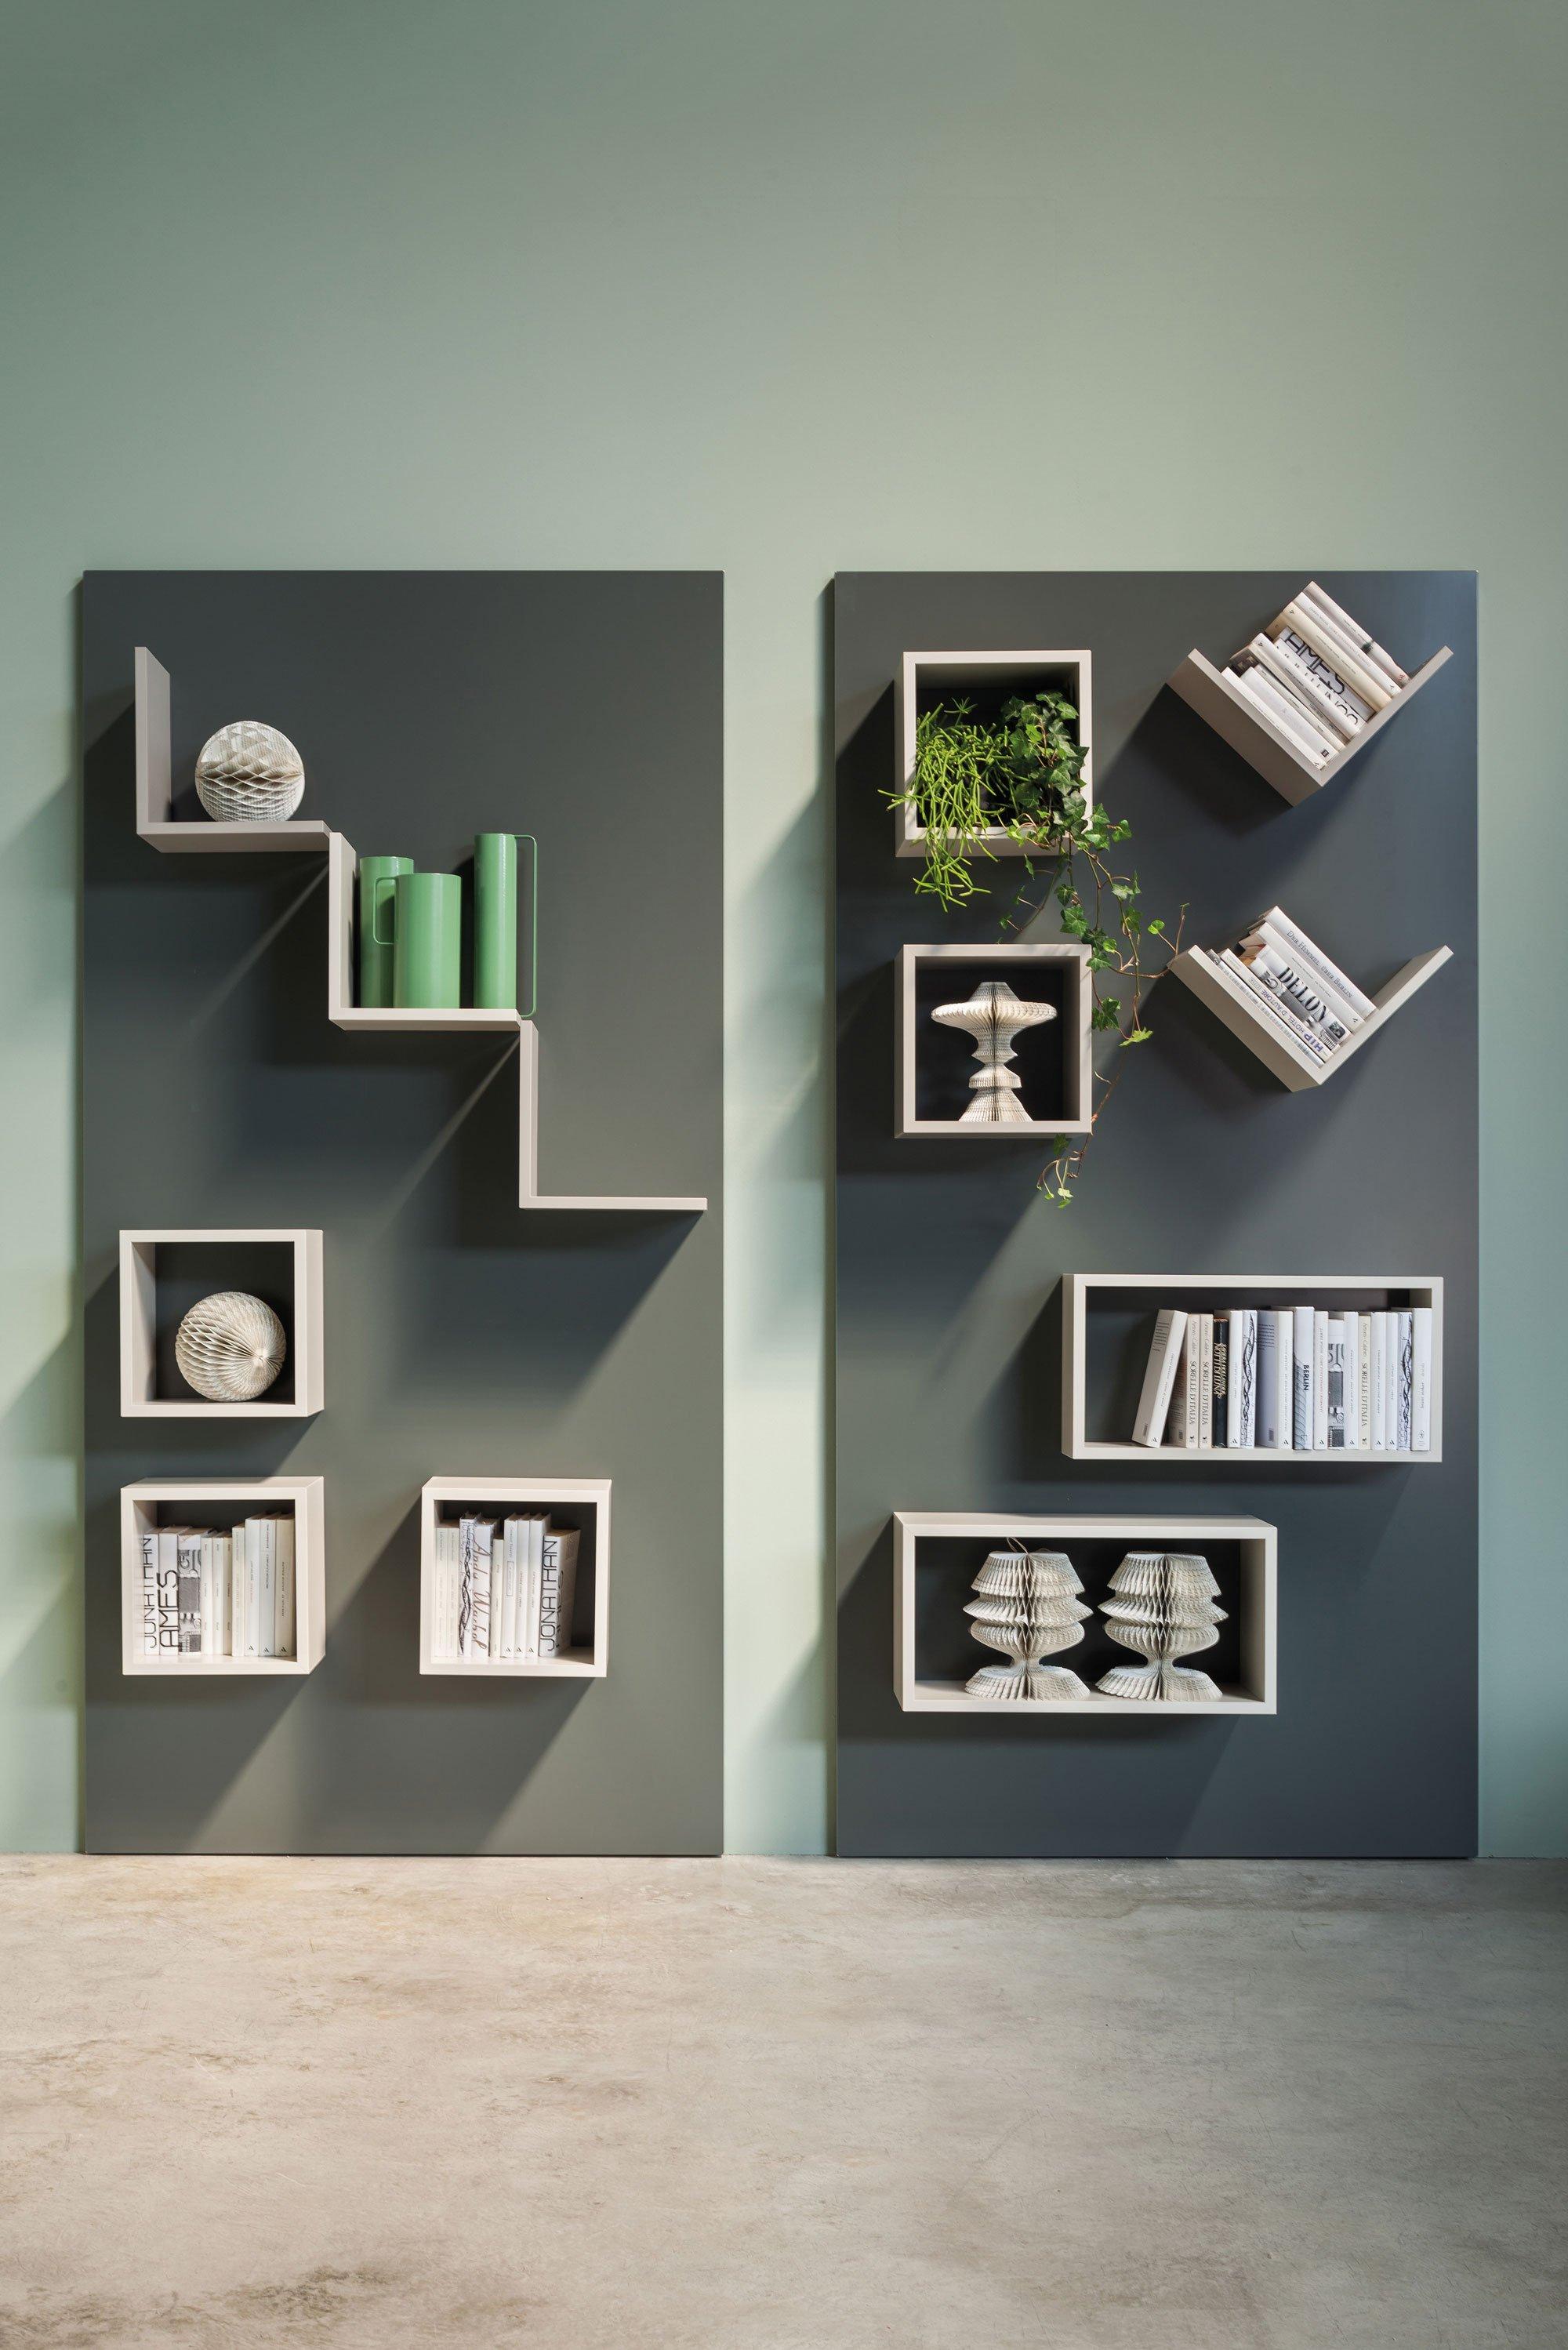 Mensole per arredare in modo easy ed economico cose di casa - Mensole da parete design ...